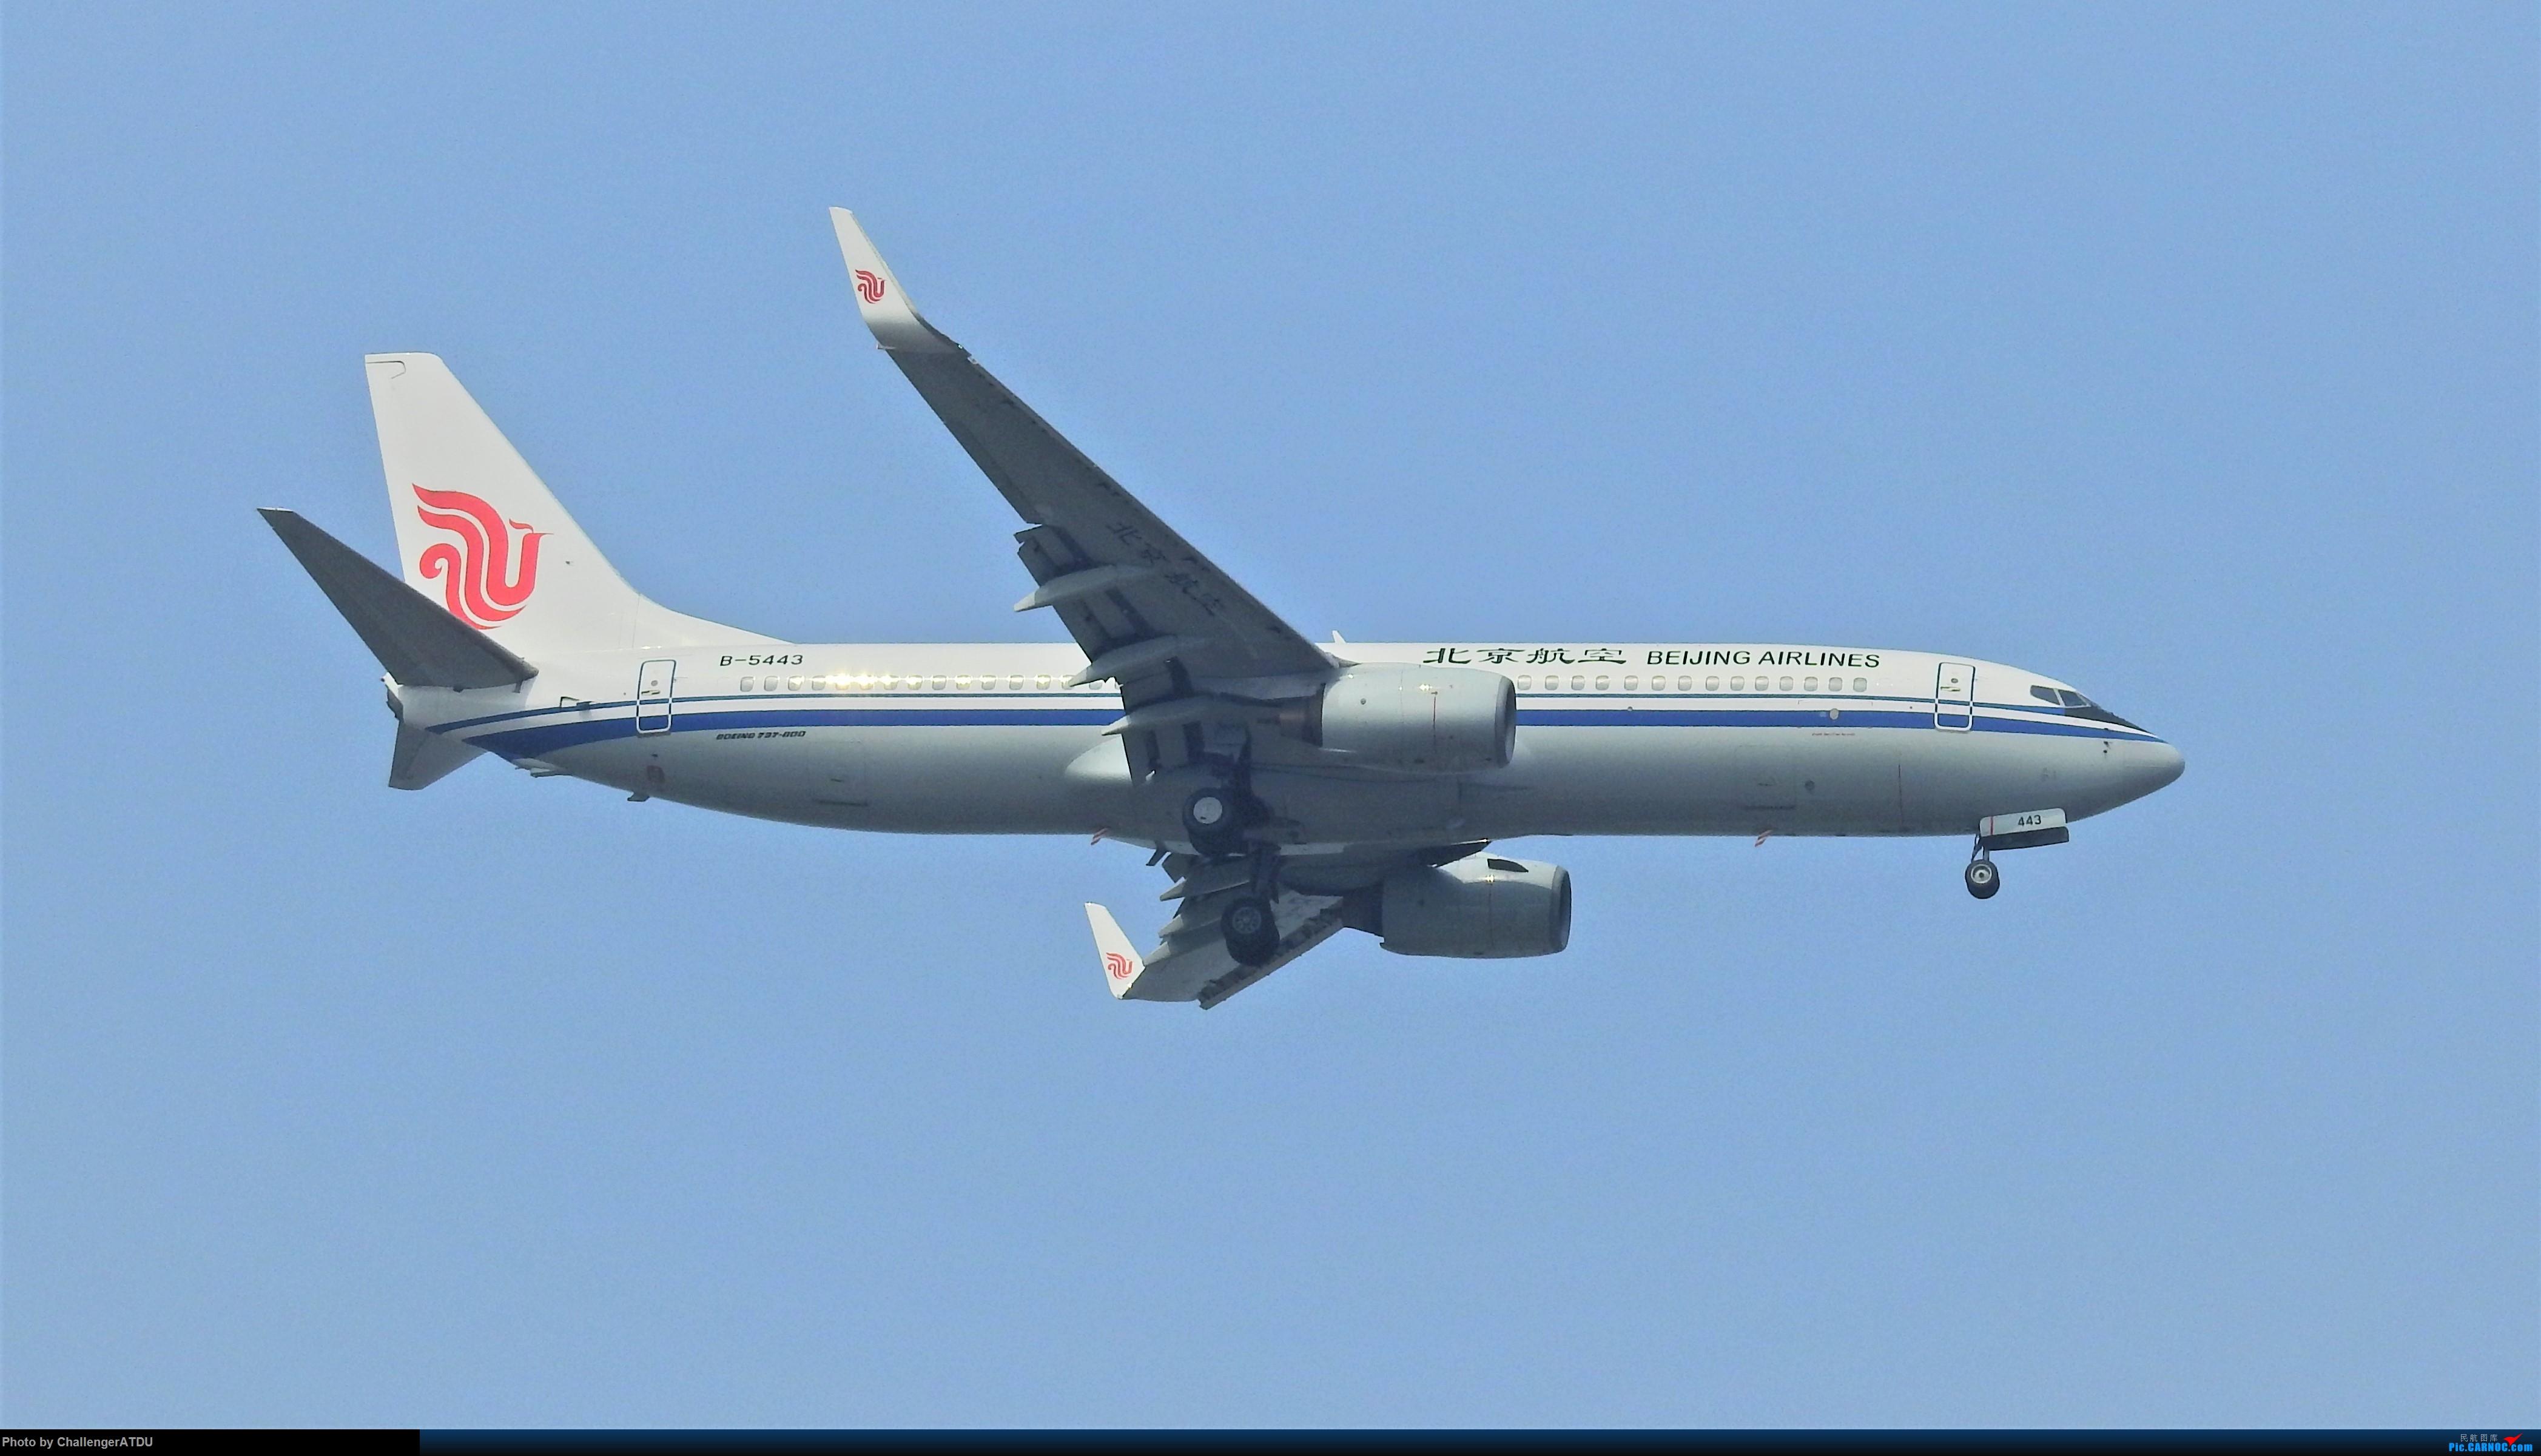 Re:[原创]2020-5-30 萌新のPEK之旅 BOEING 737-800 B-5443 北京首都国际机场